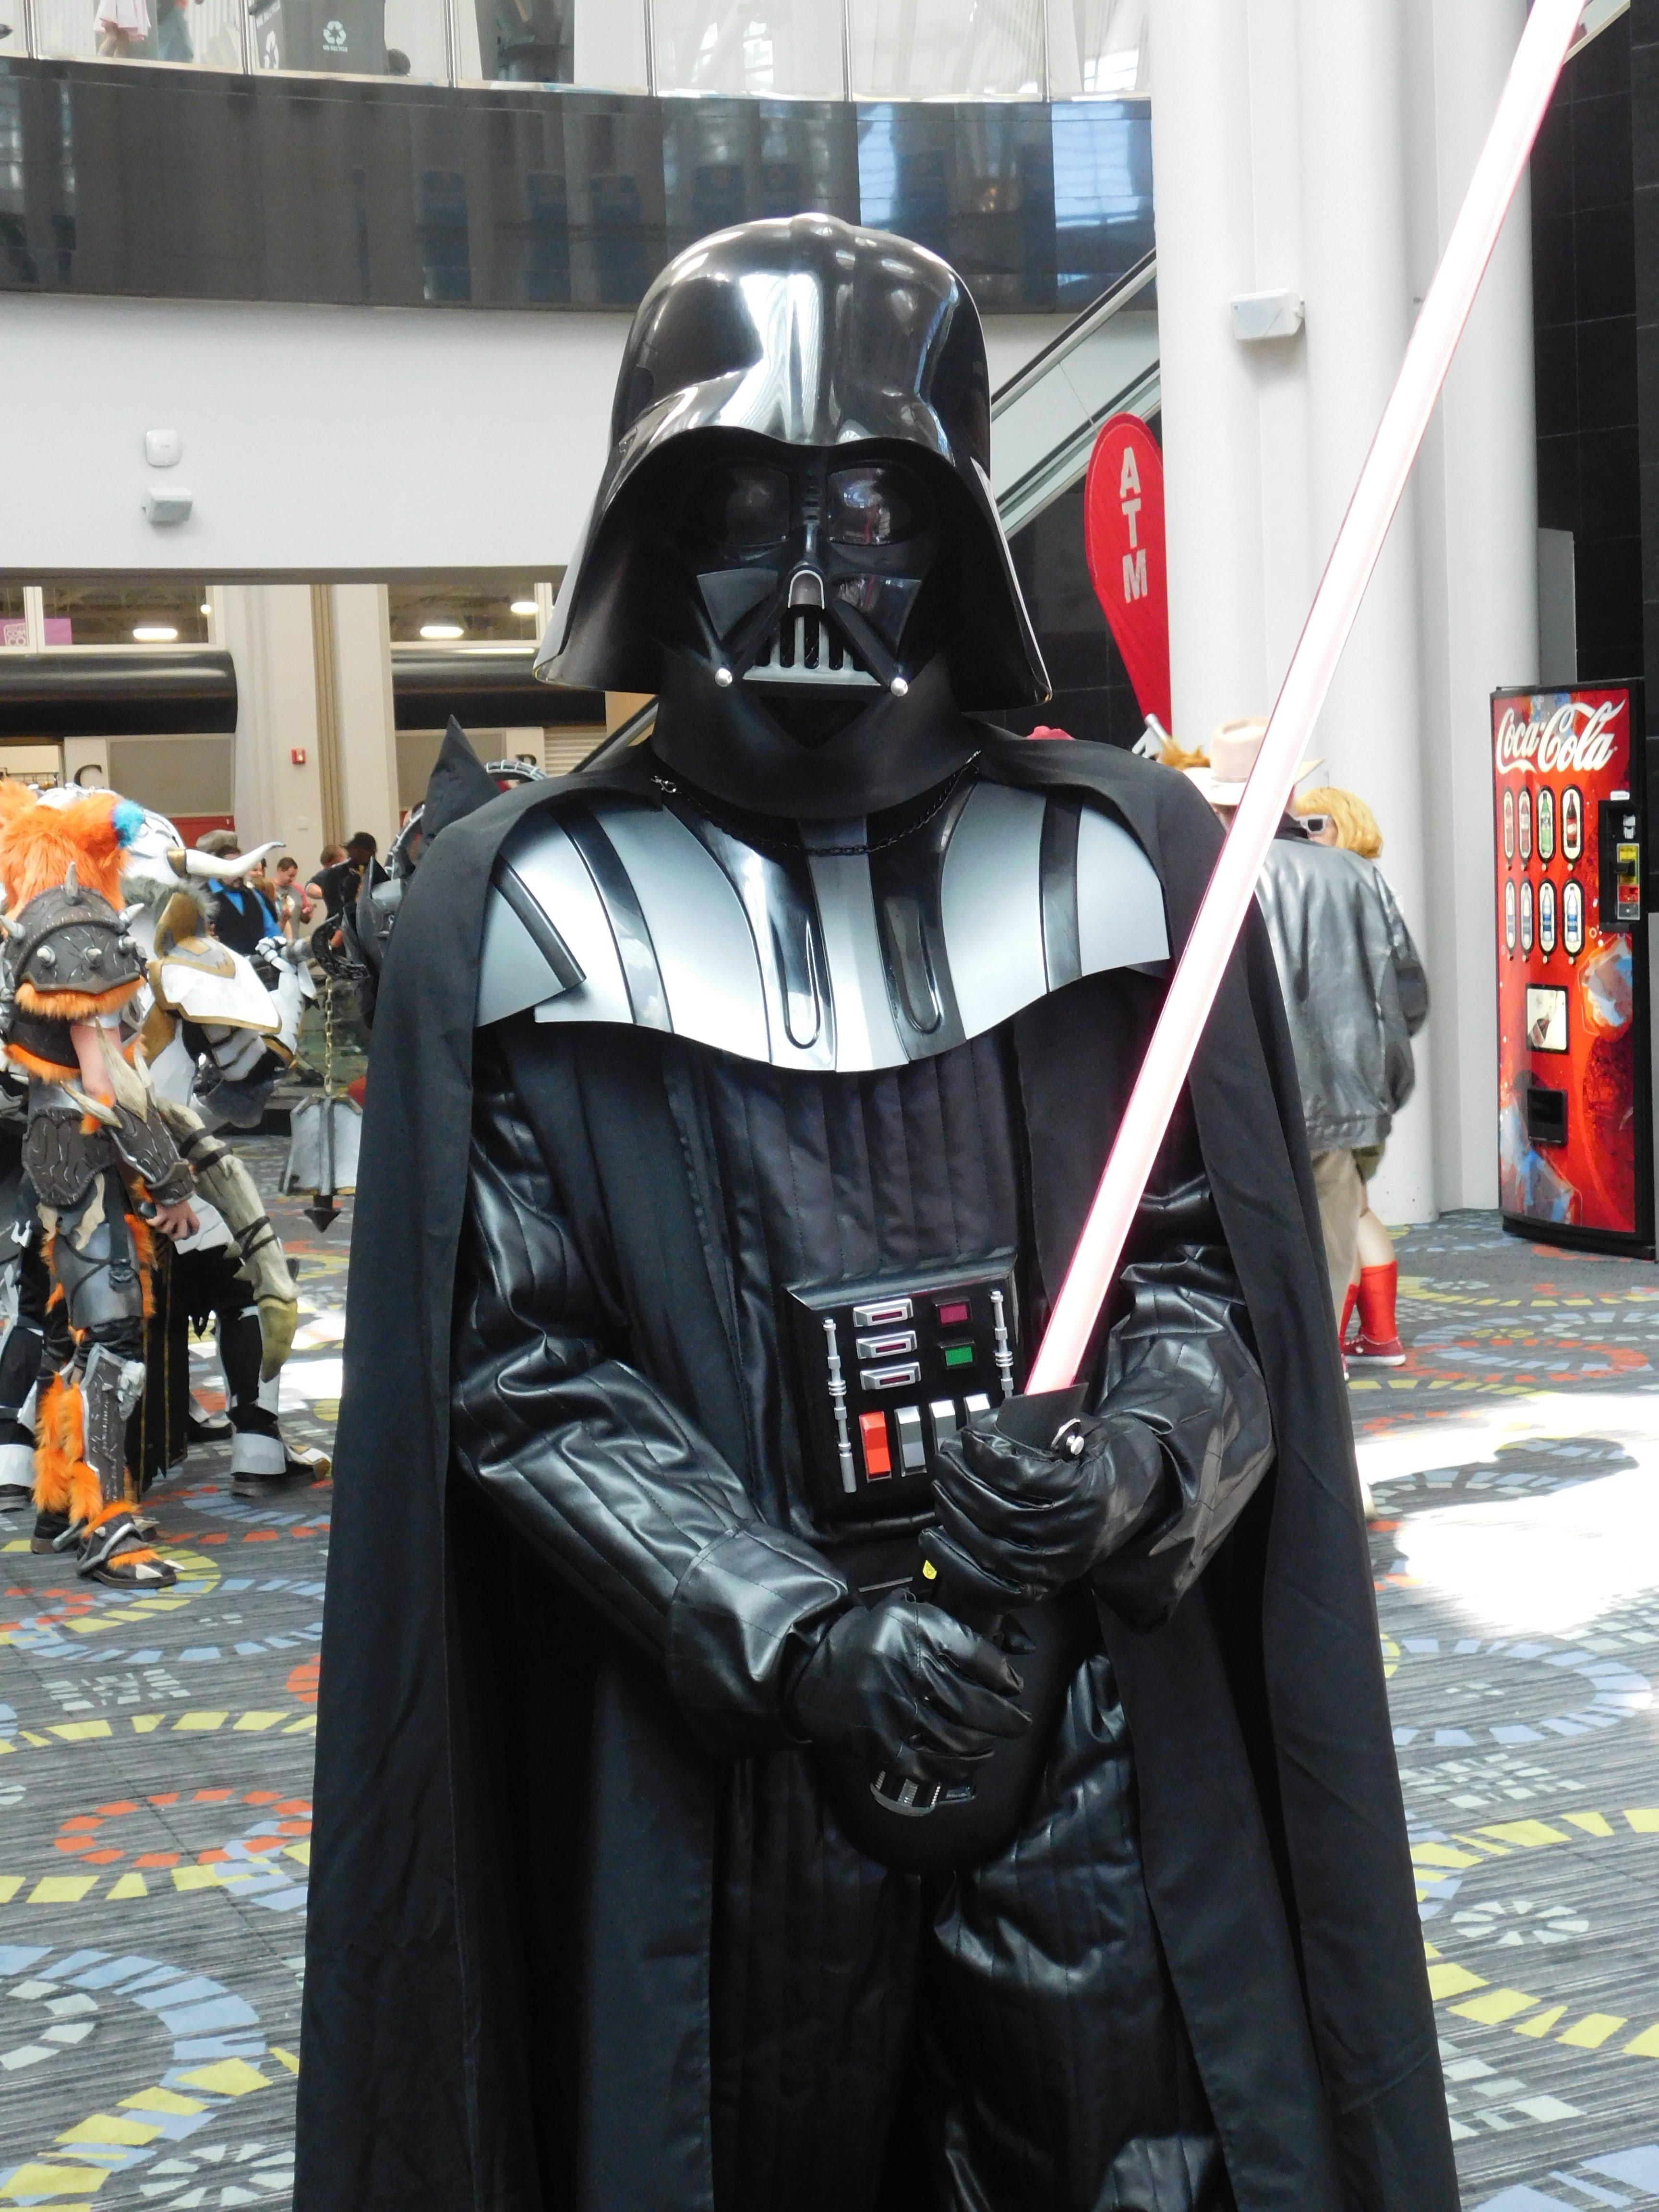 SLCCd2.023 - Darth Vader